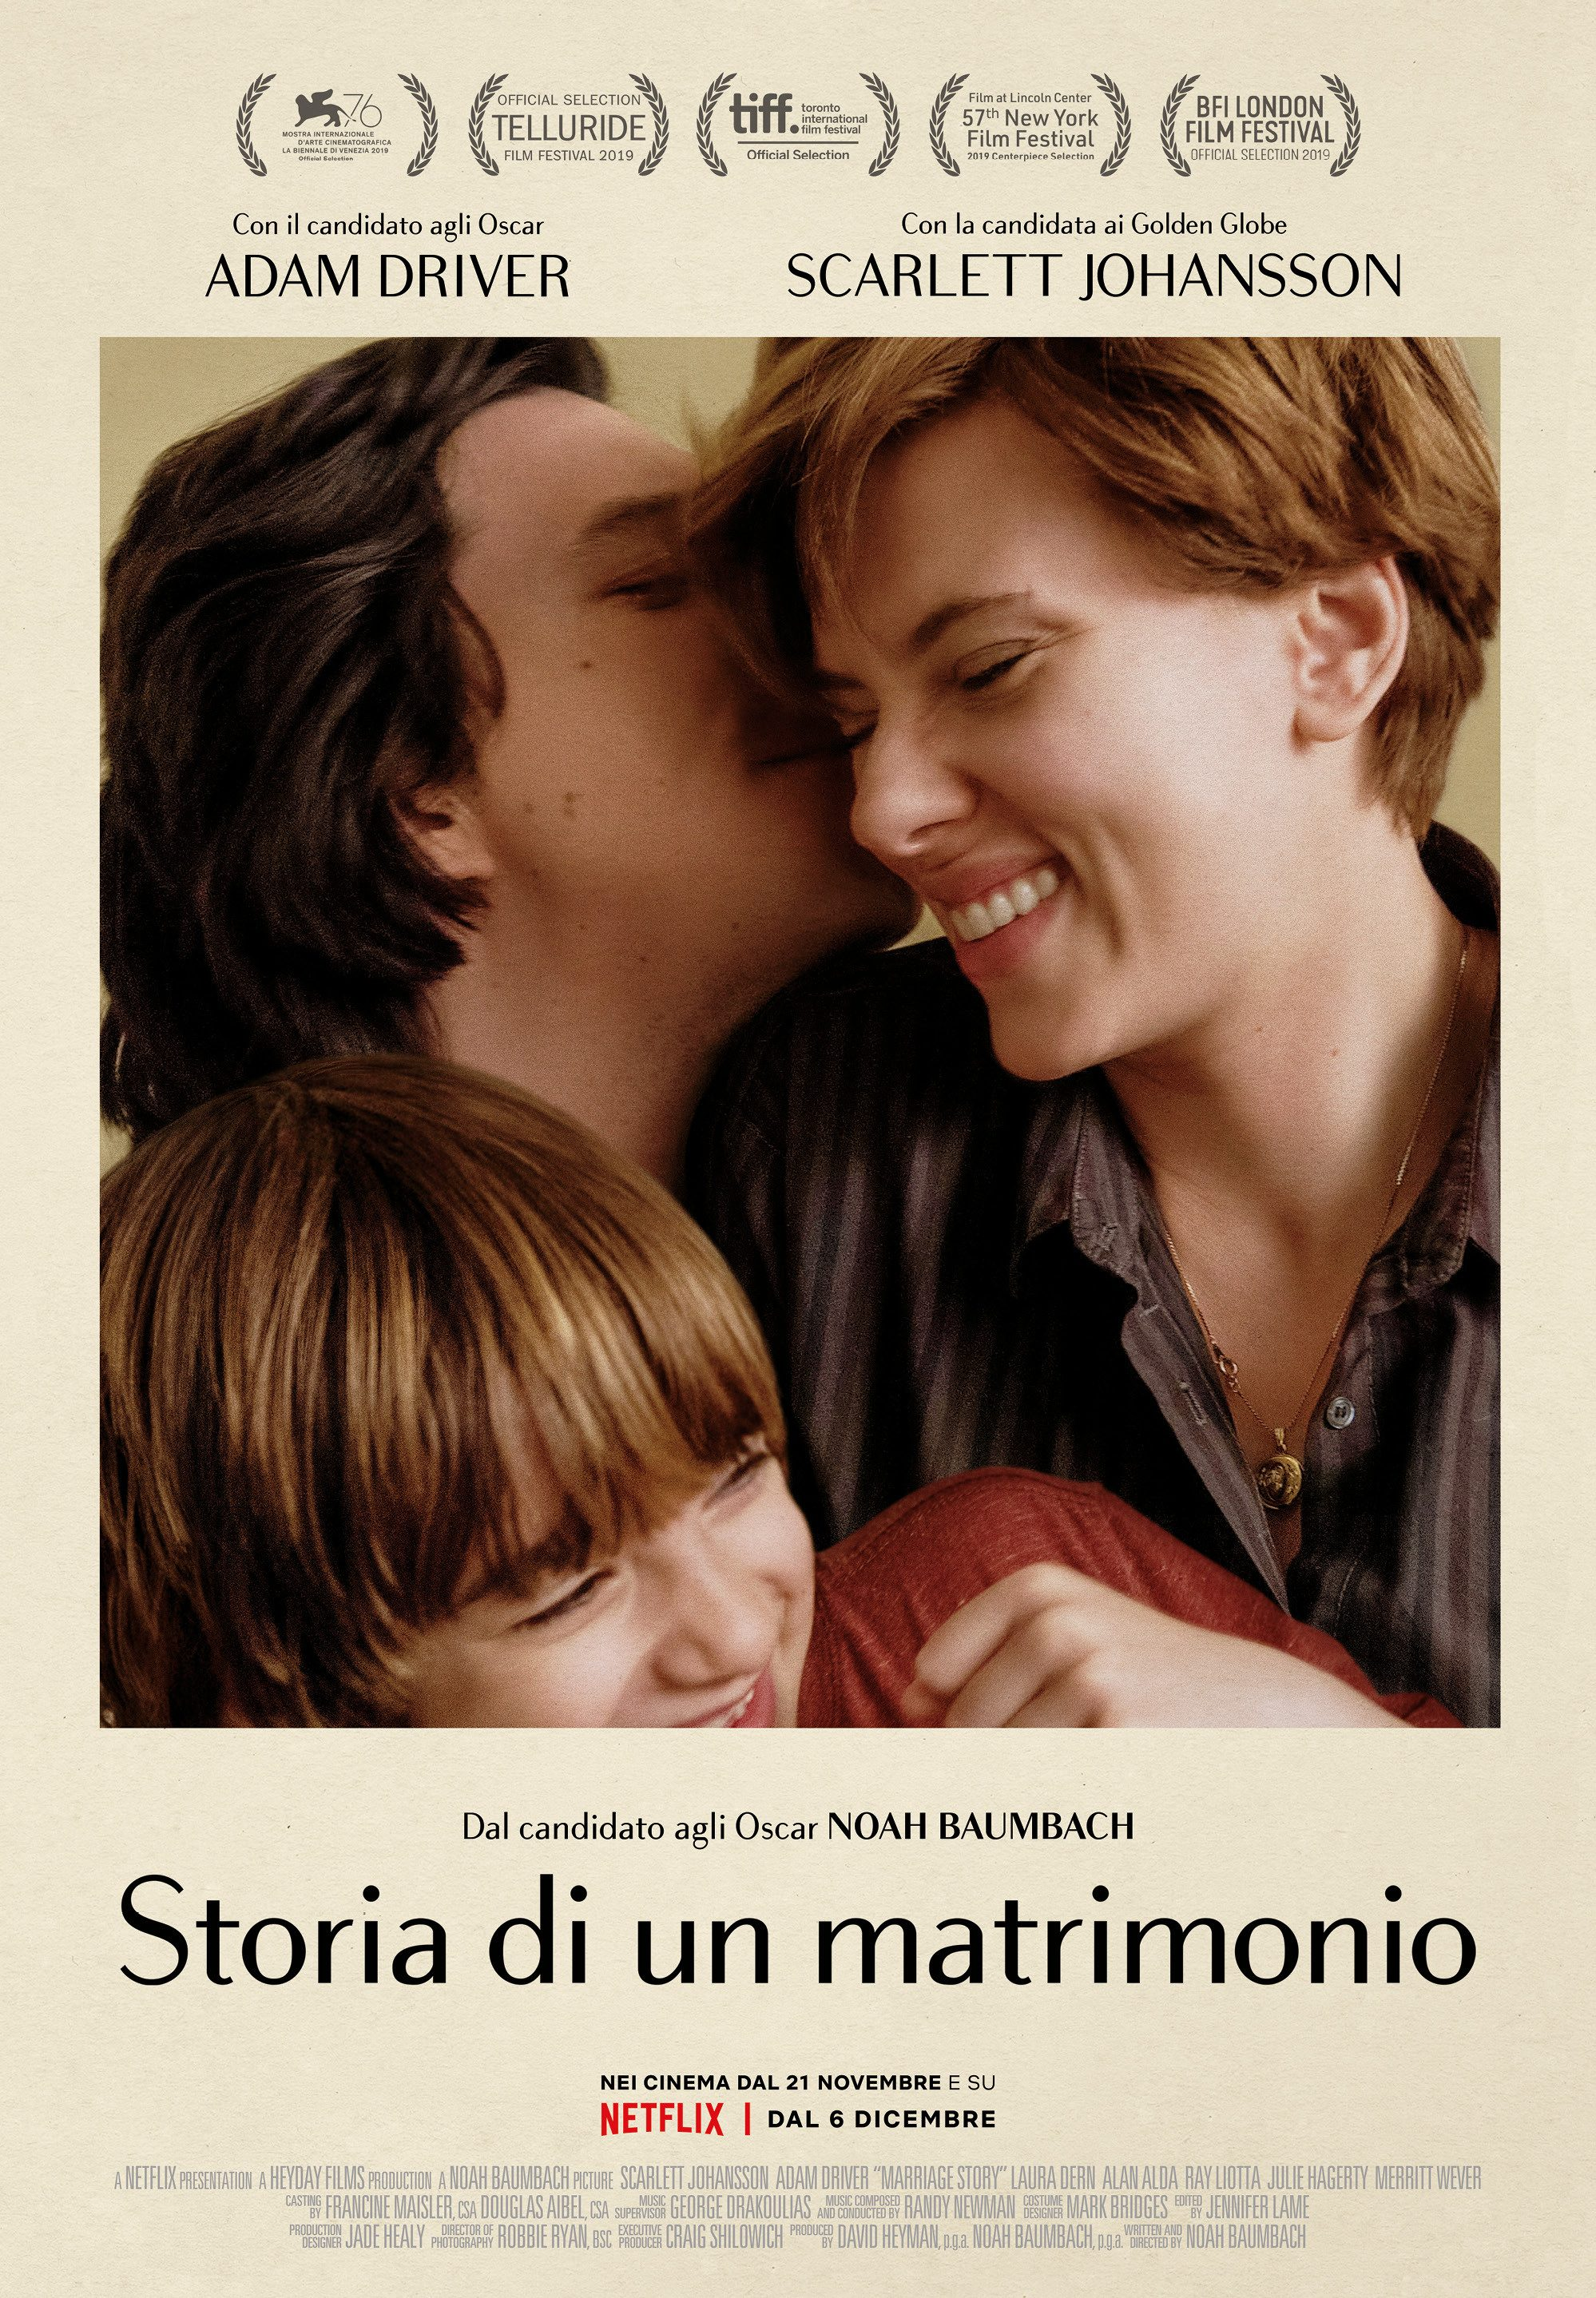 """Distanze ravvicinate – Nel film """"Storia di un matrimonio"""" un'introspezione sulla distanza nel processo di separazione"""